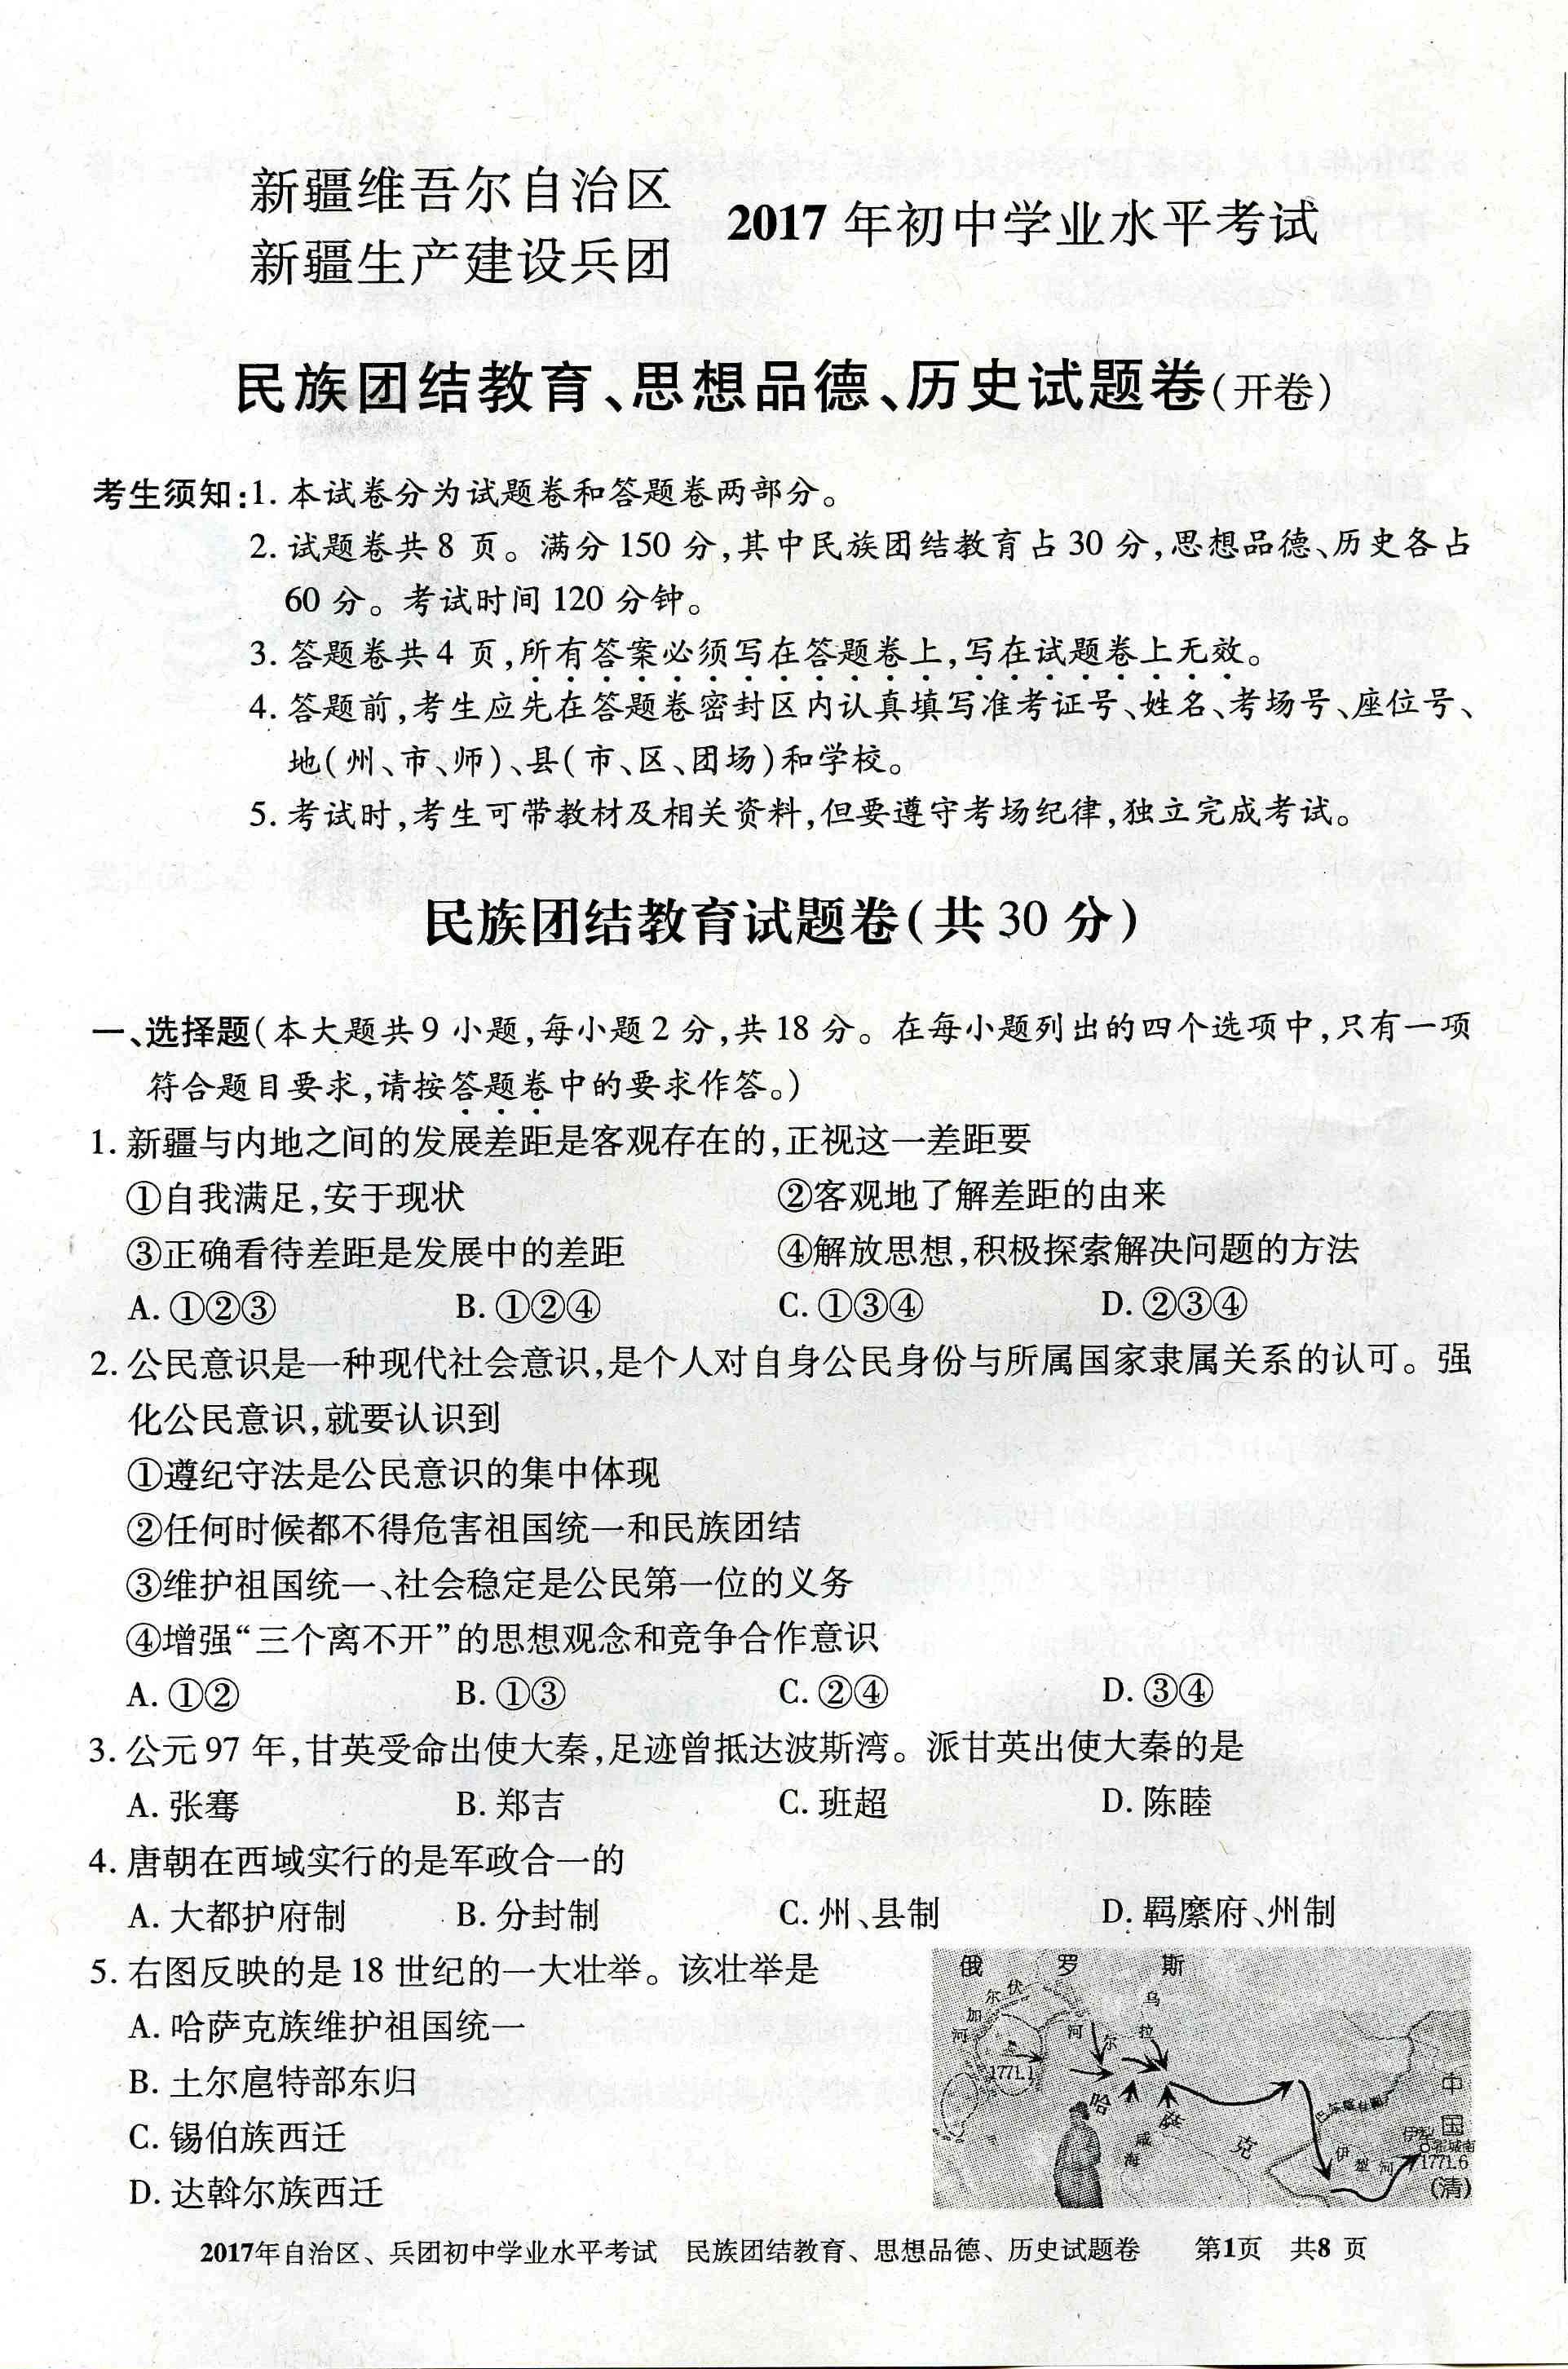 2017新疆中考文综试题及答案解析(图片版含答案)